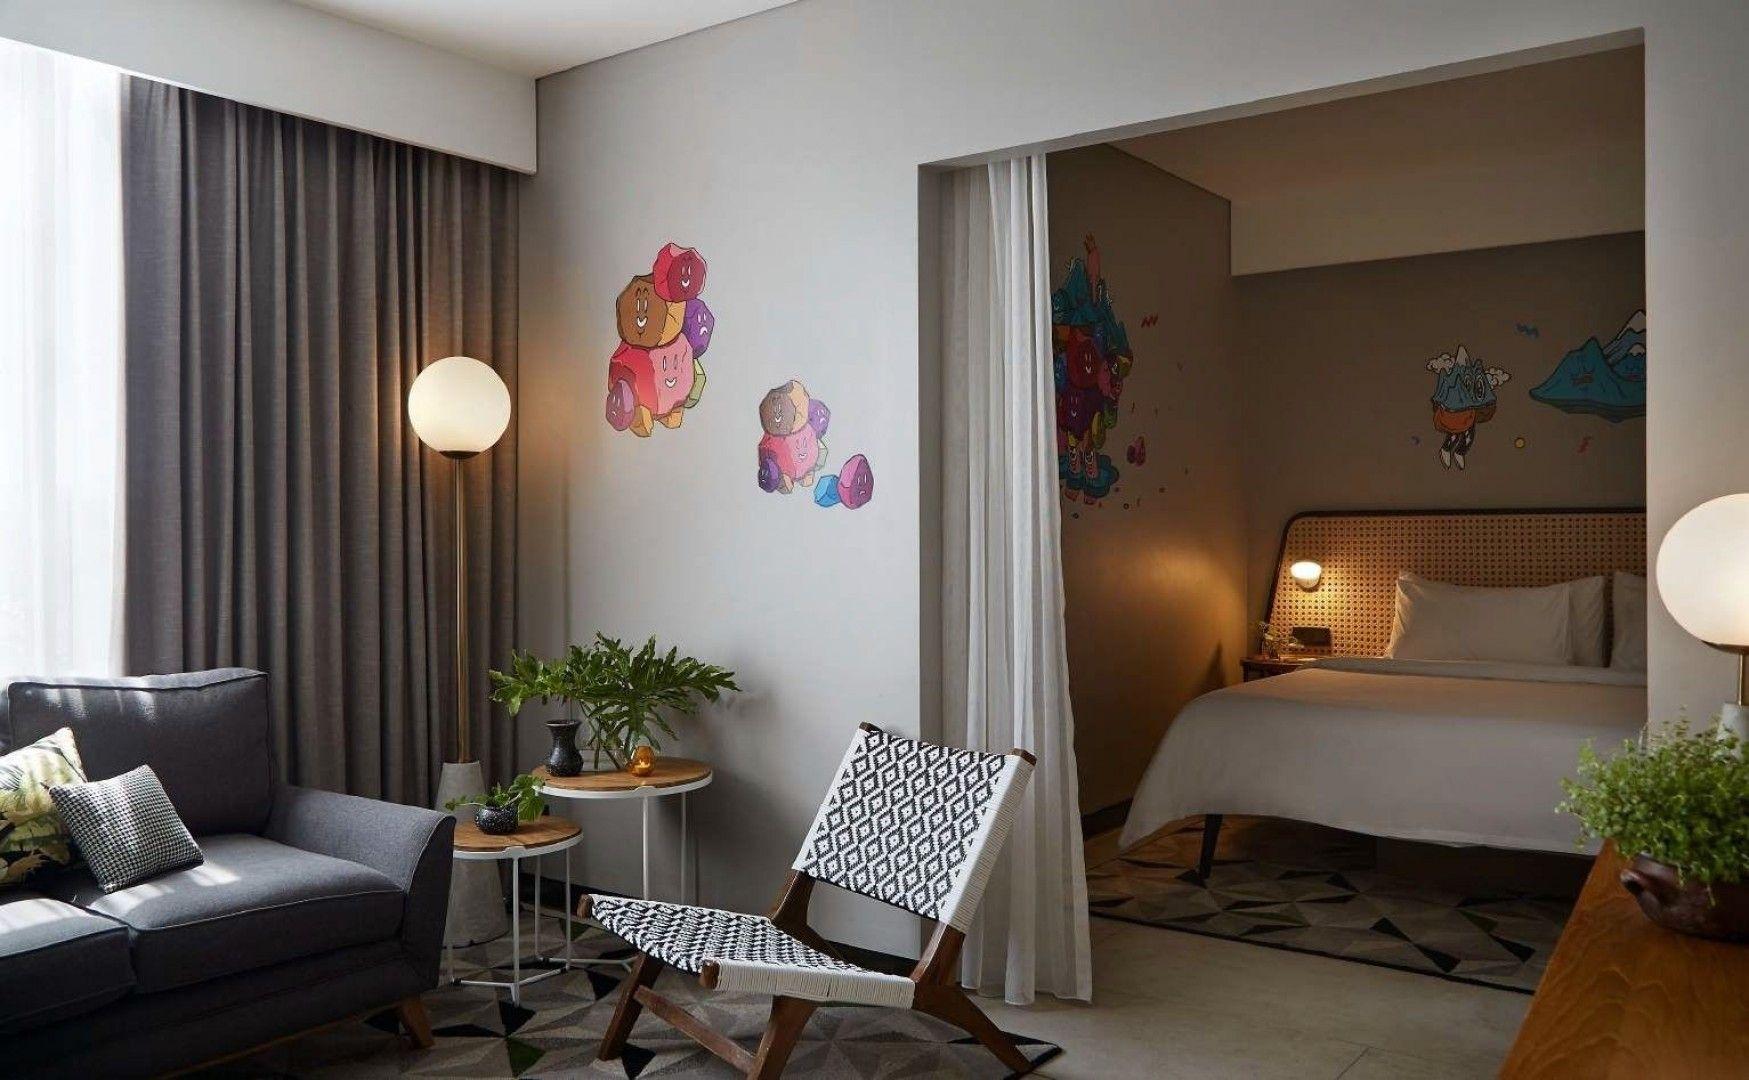 Hotel-Hotel dengan Desain Kamar Minimalis yang Instagrammable